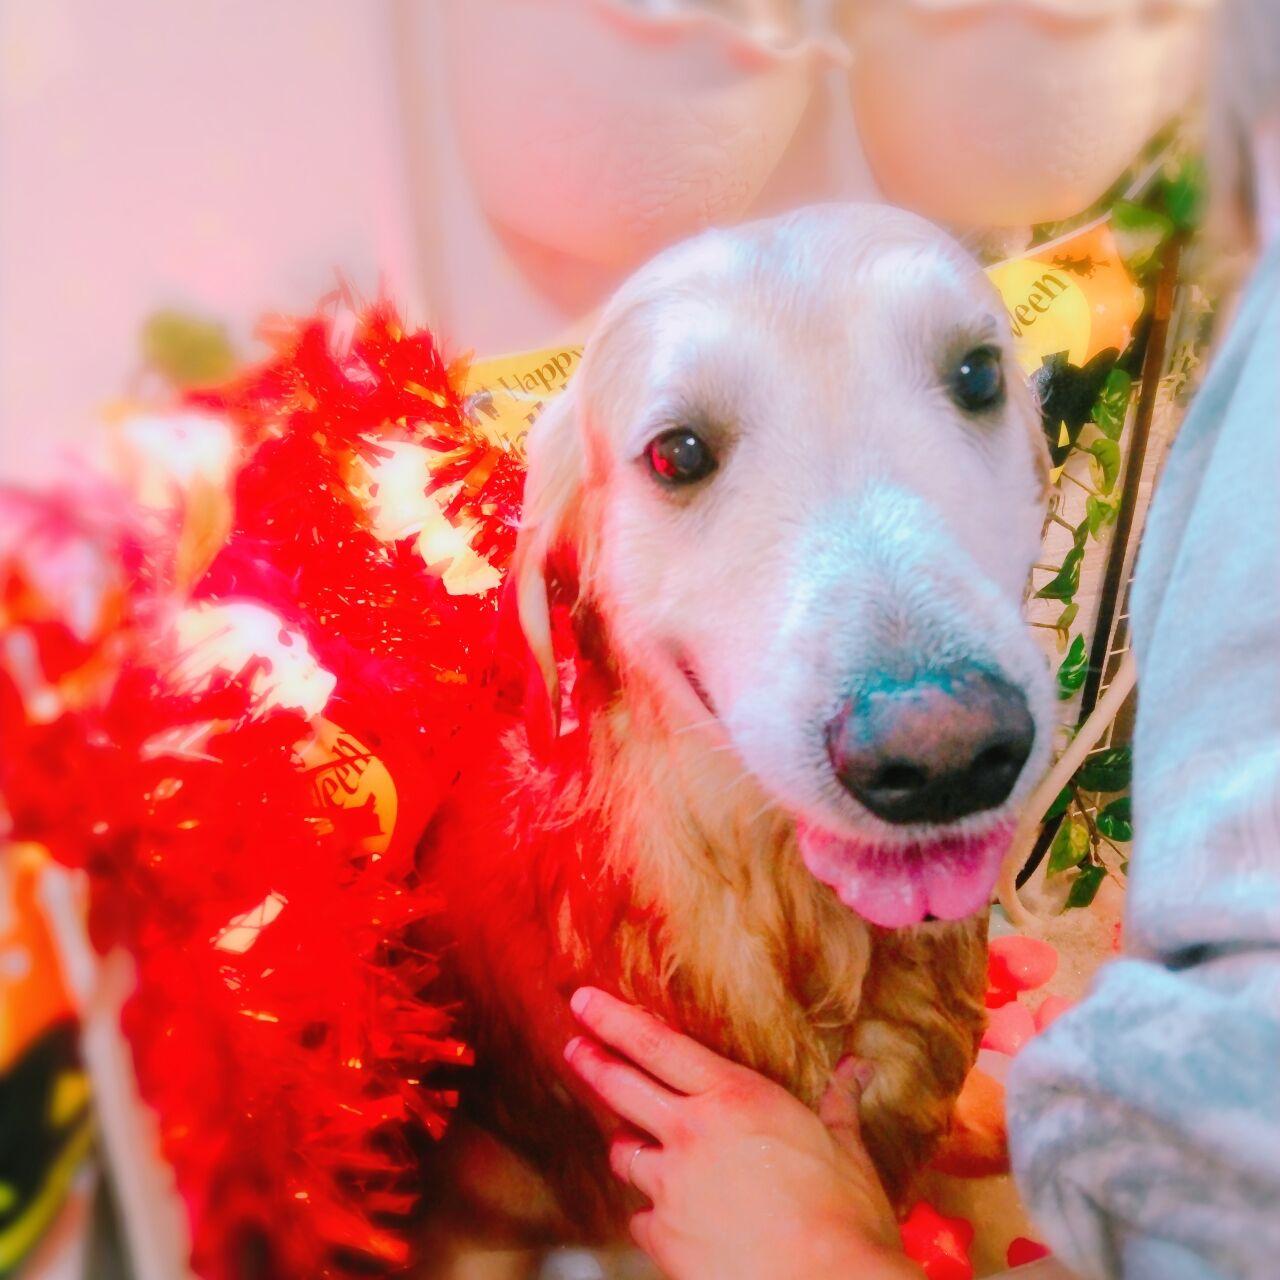 20-10-16-11-40-09-991_photo